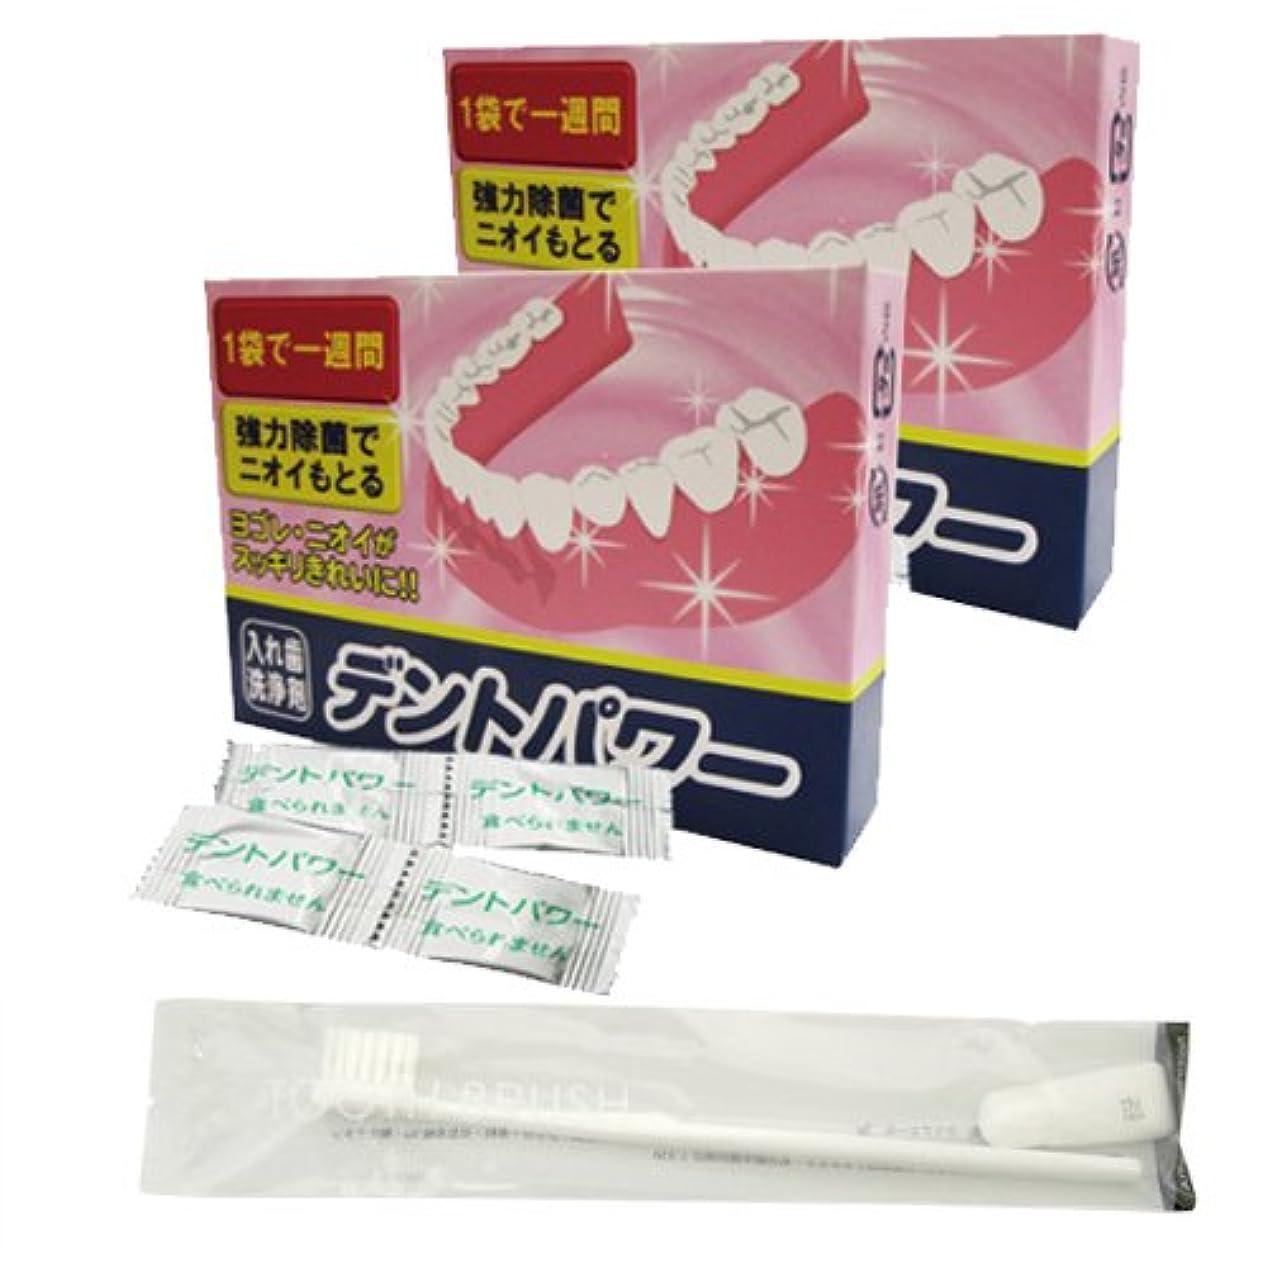 冊子ペインぬるいデントパワー 入れ歯洗浄剤 10ヵ月用(専用ケース無し) x2個 + チューブ歯磨き粉付き歯ブラシ セット